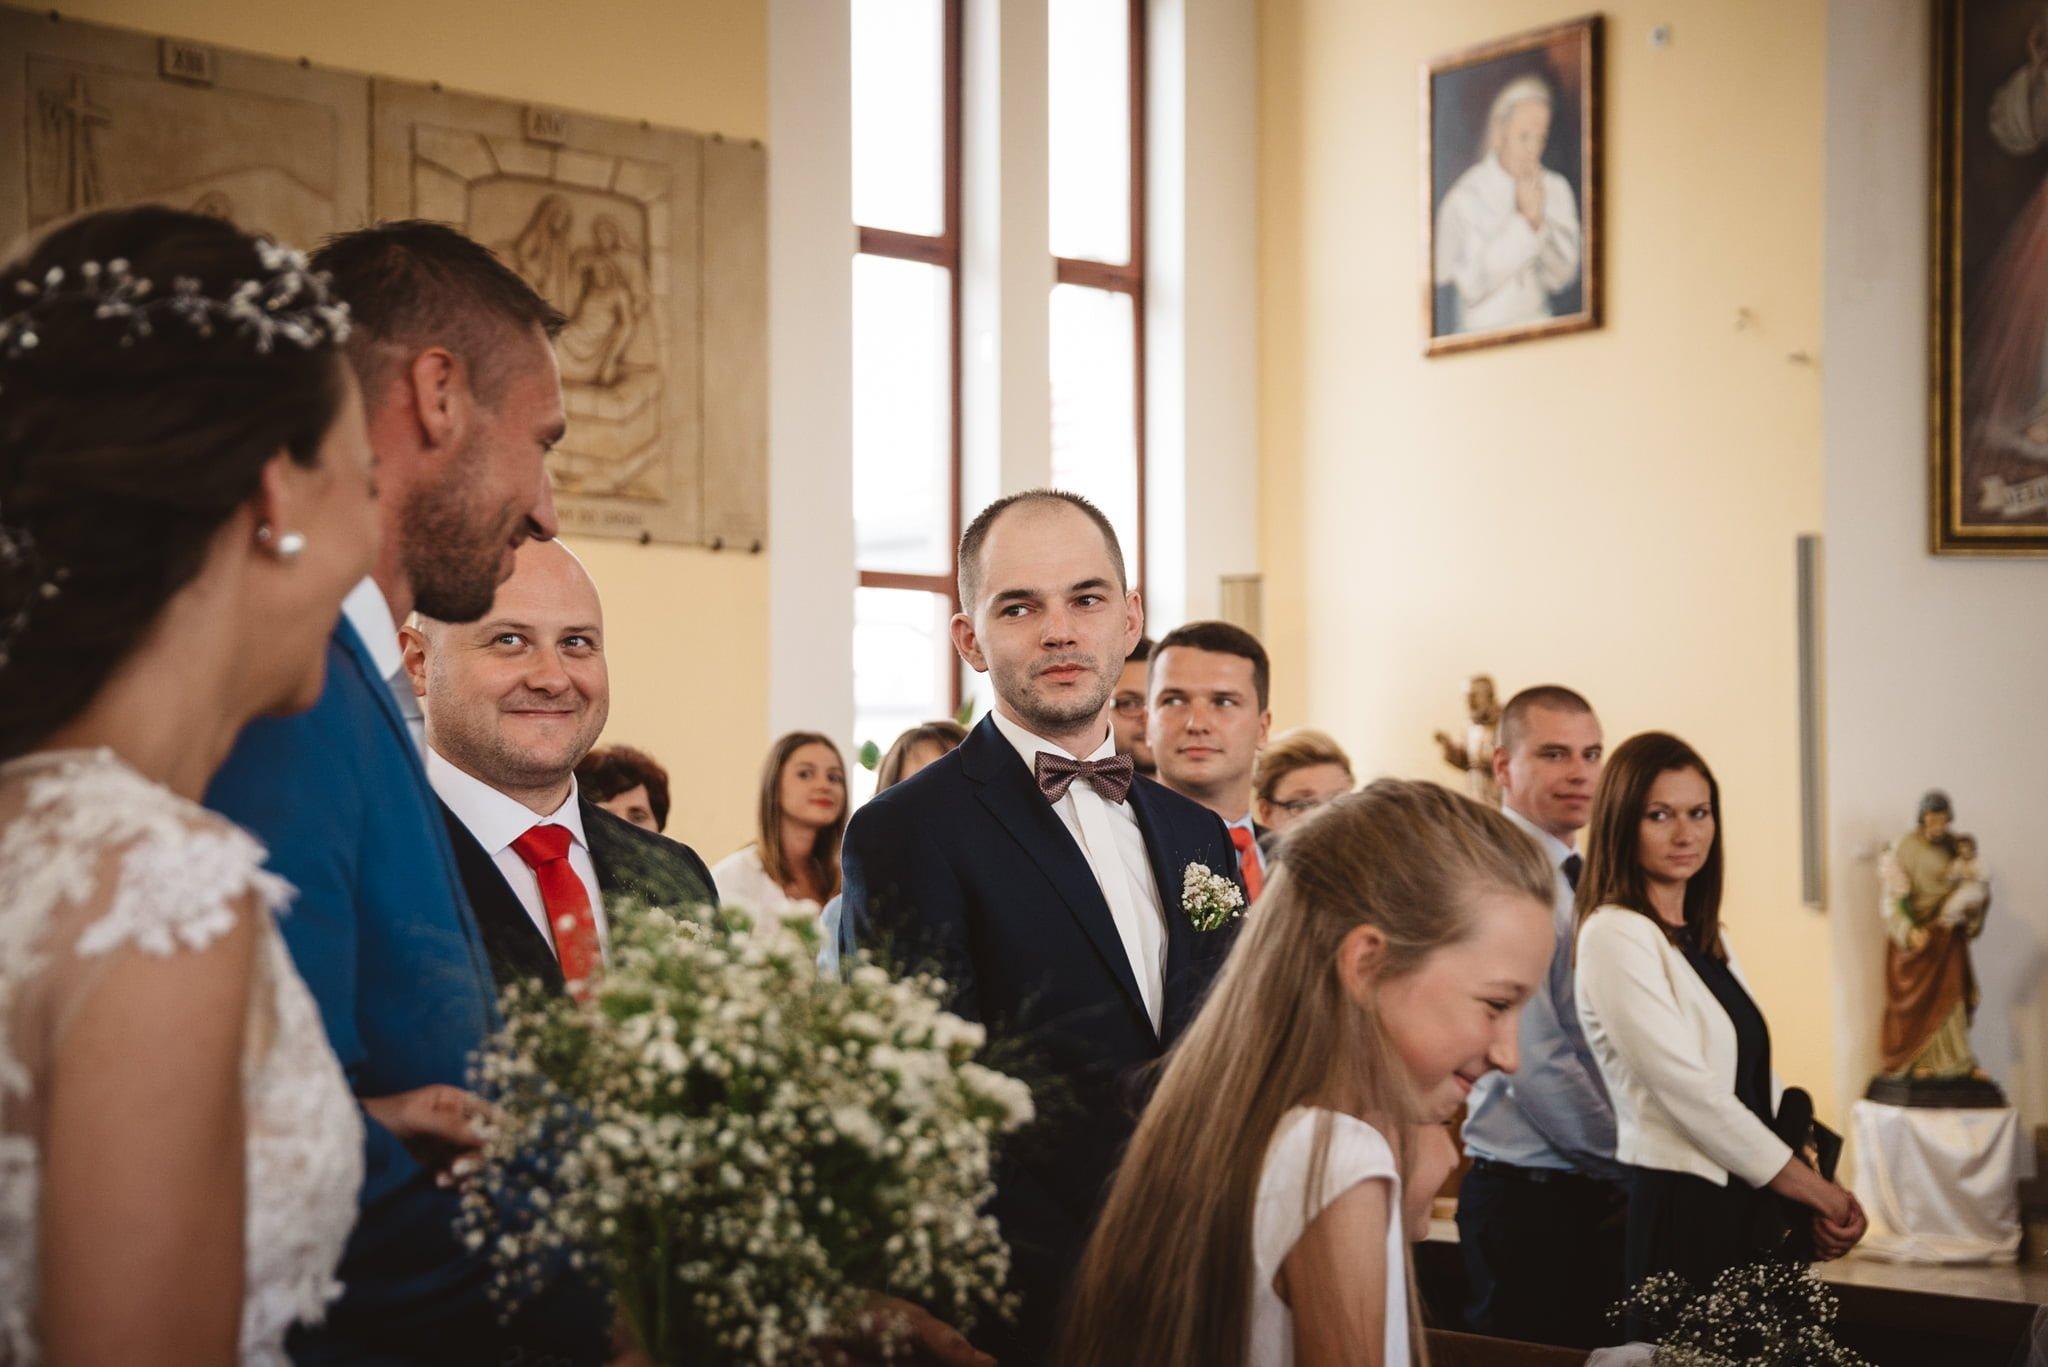 Ala i Arek, czyli jak zorganizować ślub i wesele w 4 tygodnie! 71